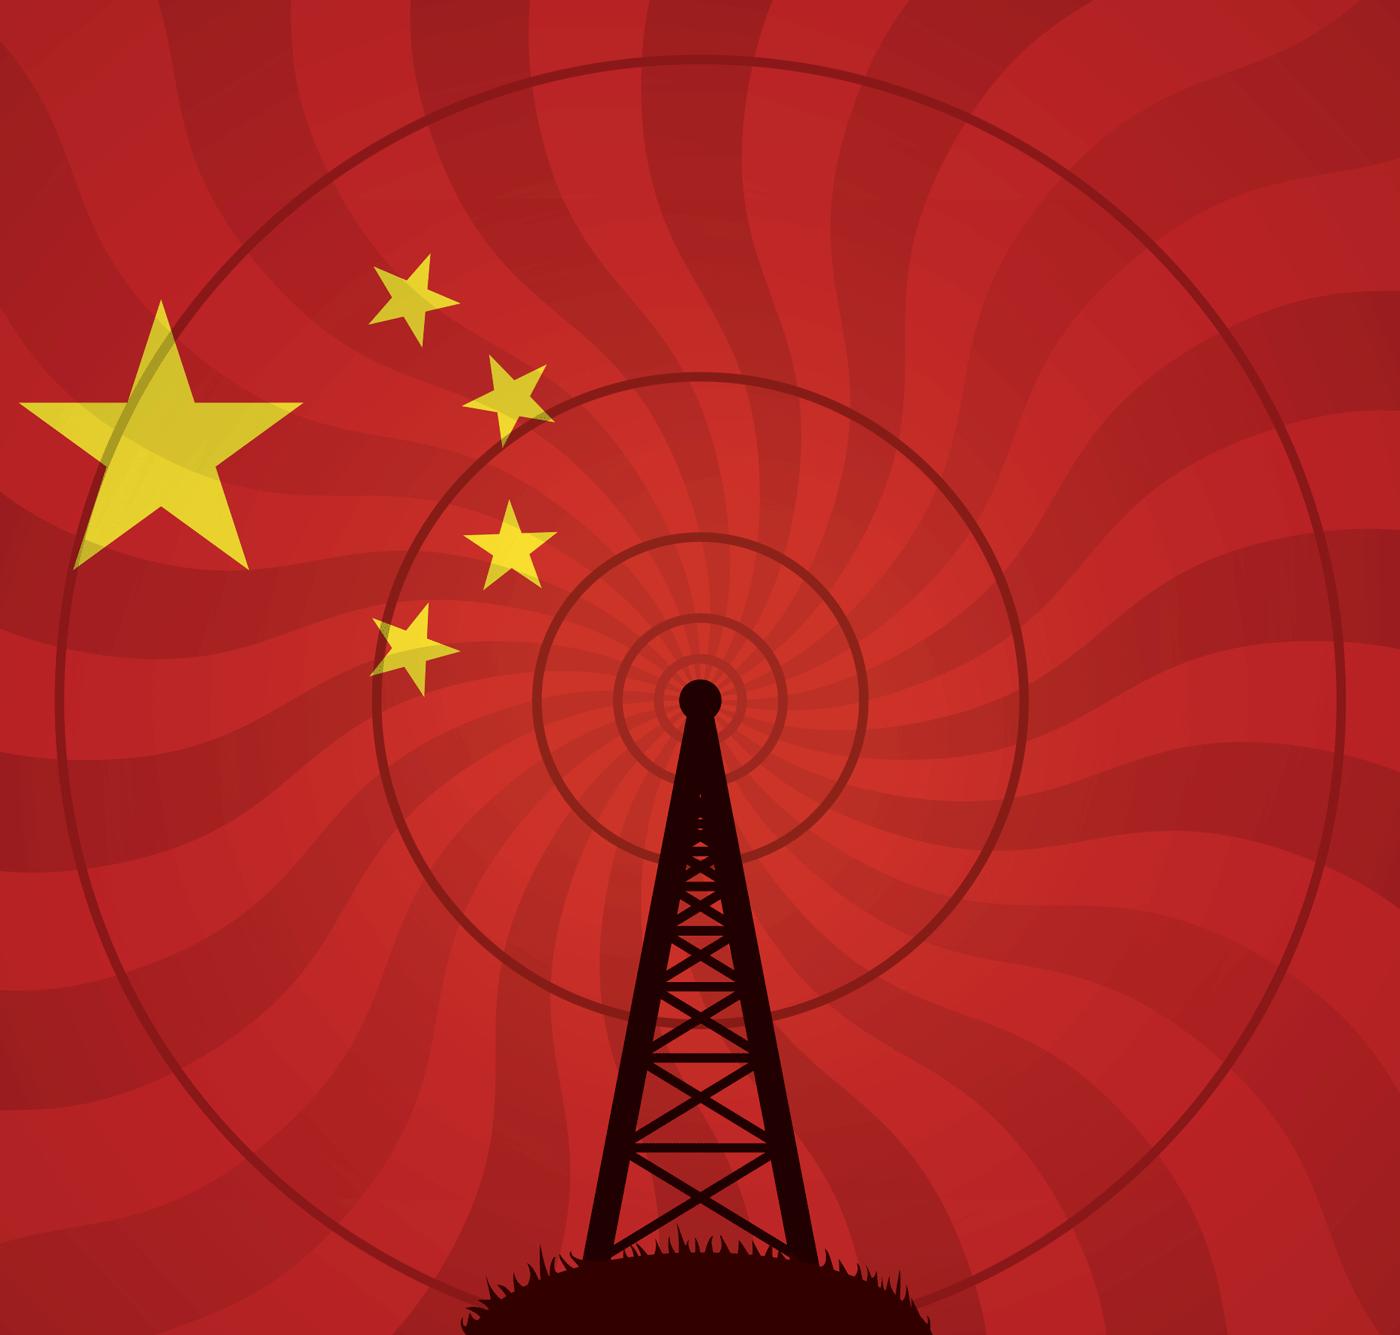 История: 23 января 1923 г. начала вещание первая китайская гражданская радиостанция